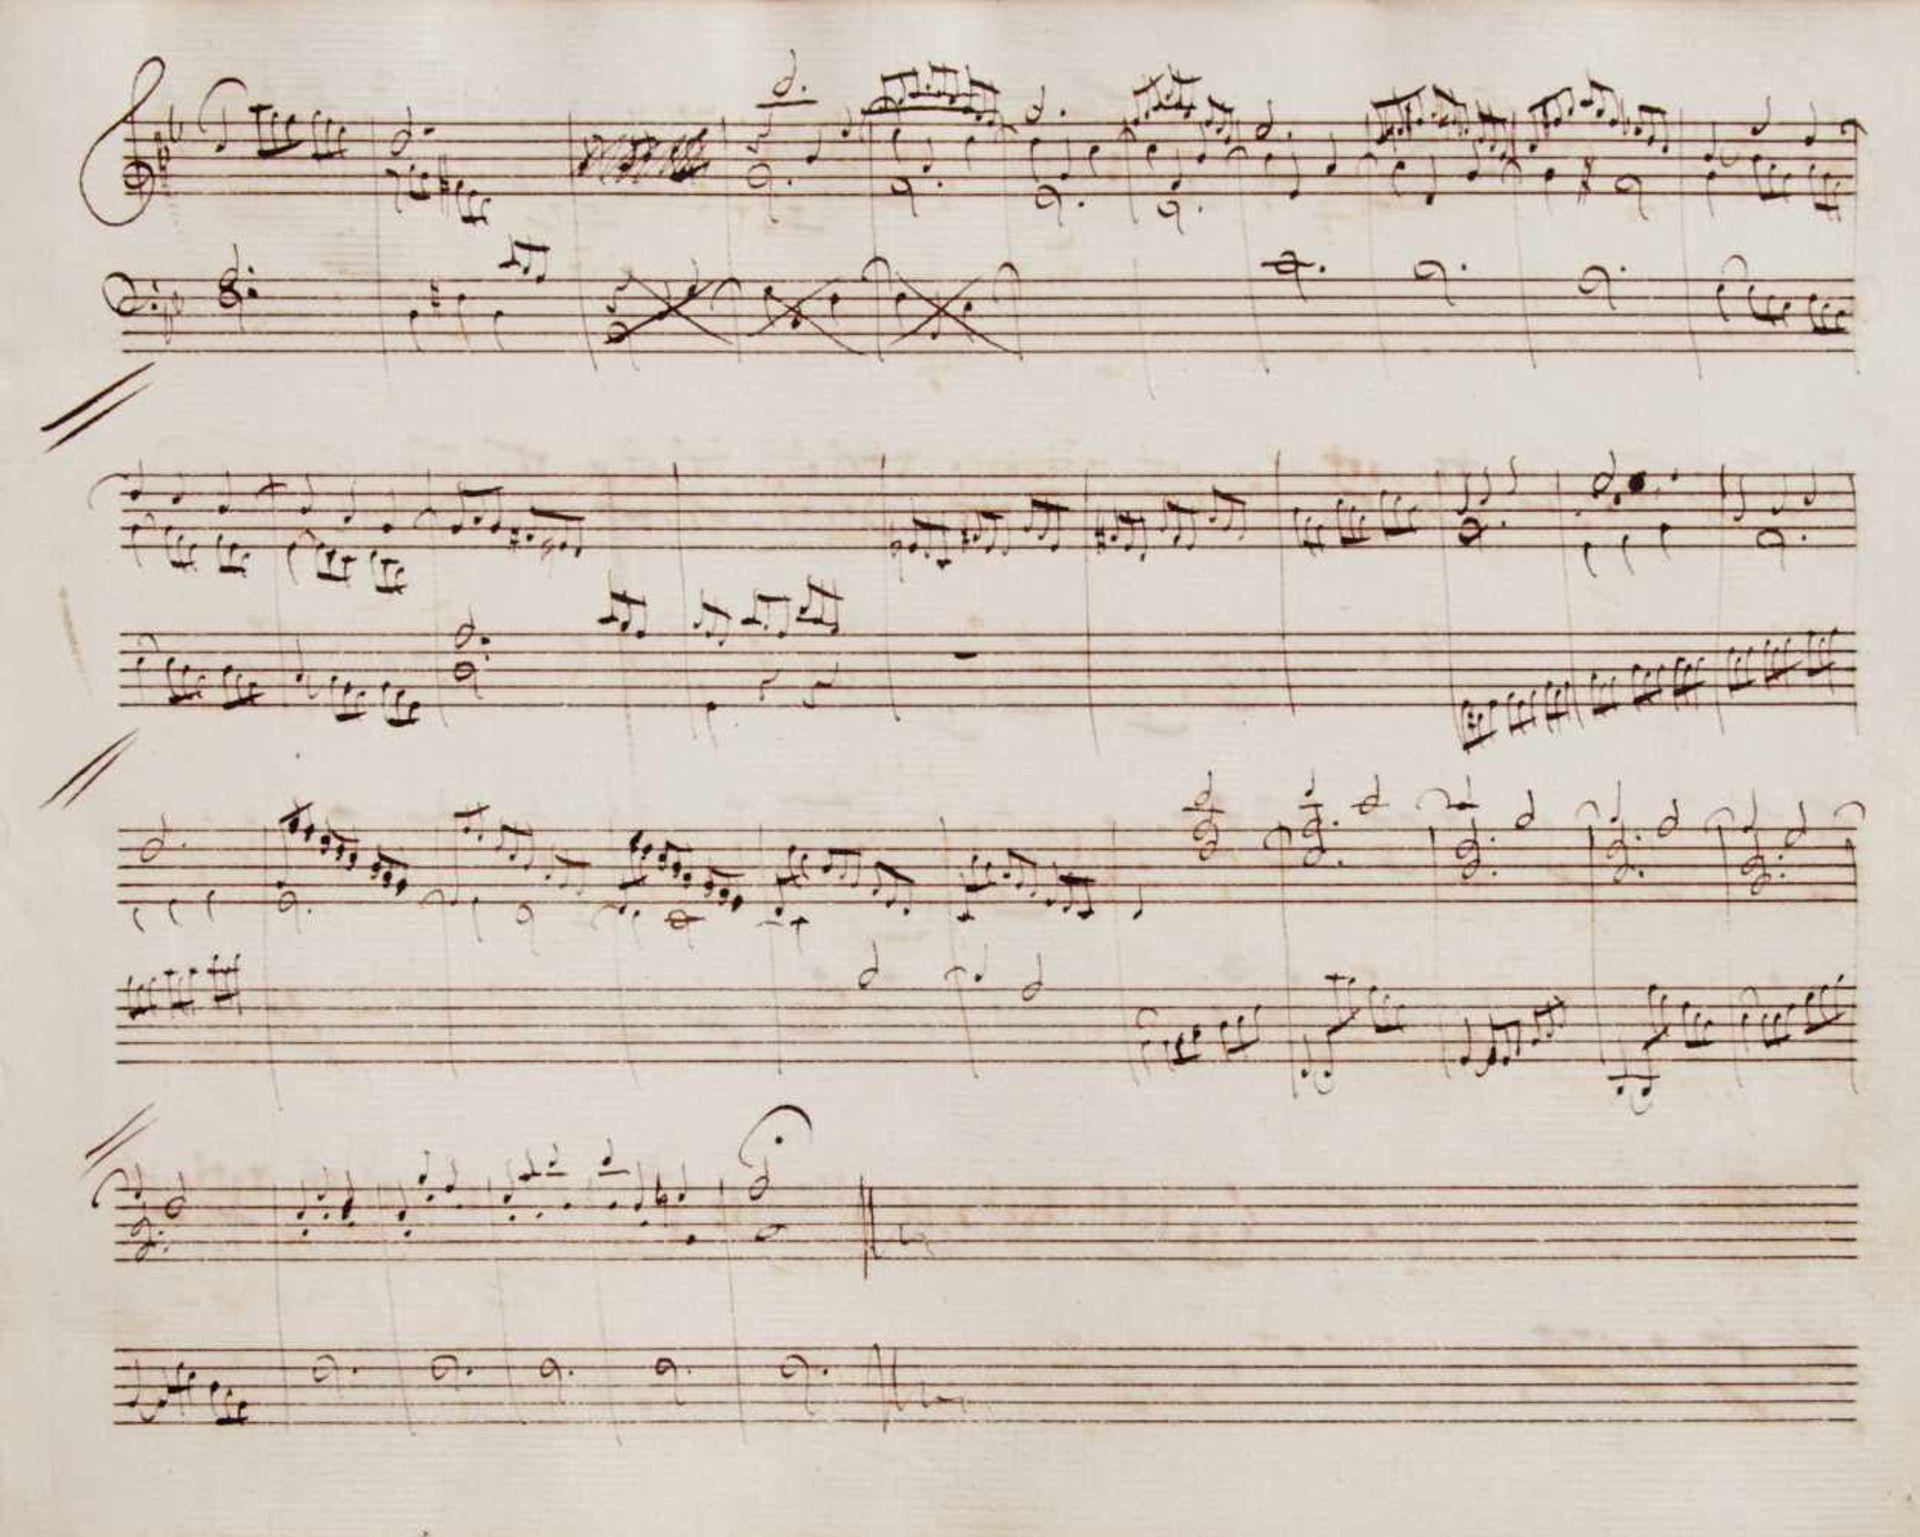 Notiz- und Skizzenbuch eines in Großbritannien tätigen Komponisten.Musikhandschrift auf Papier. Wohl